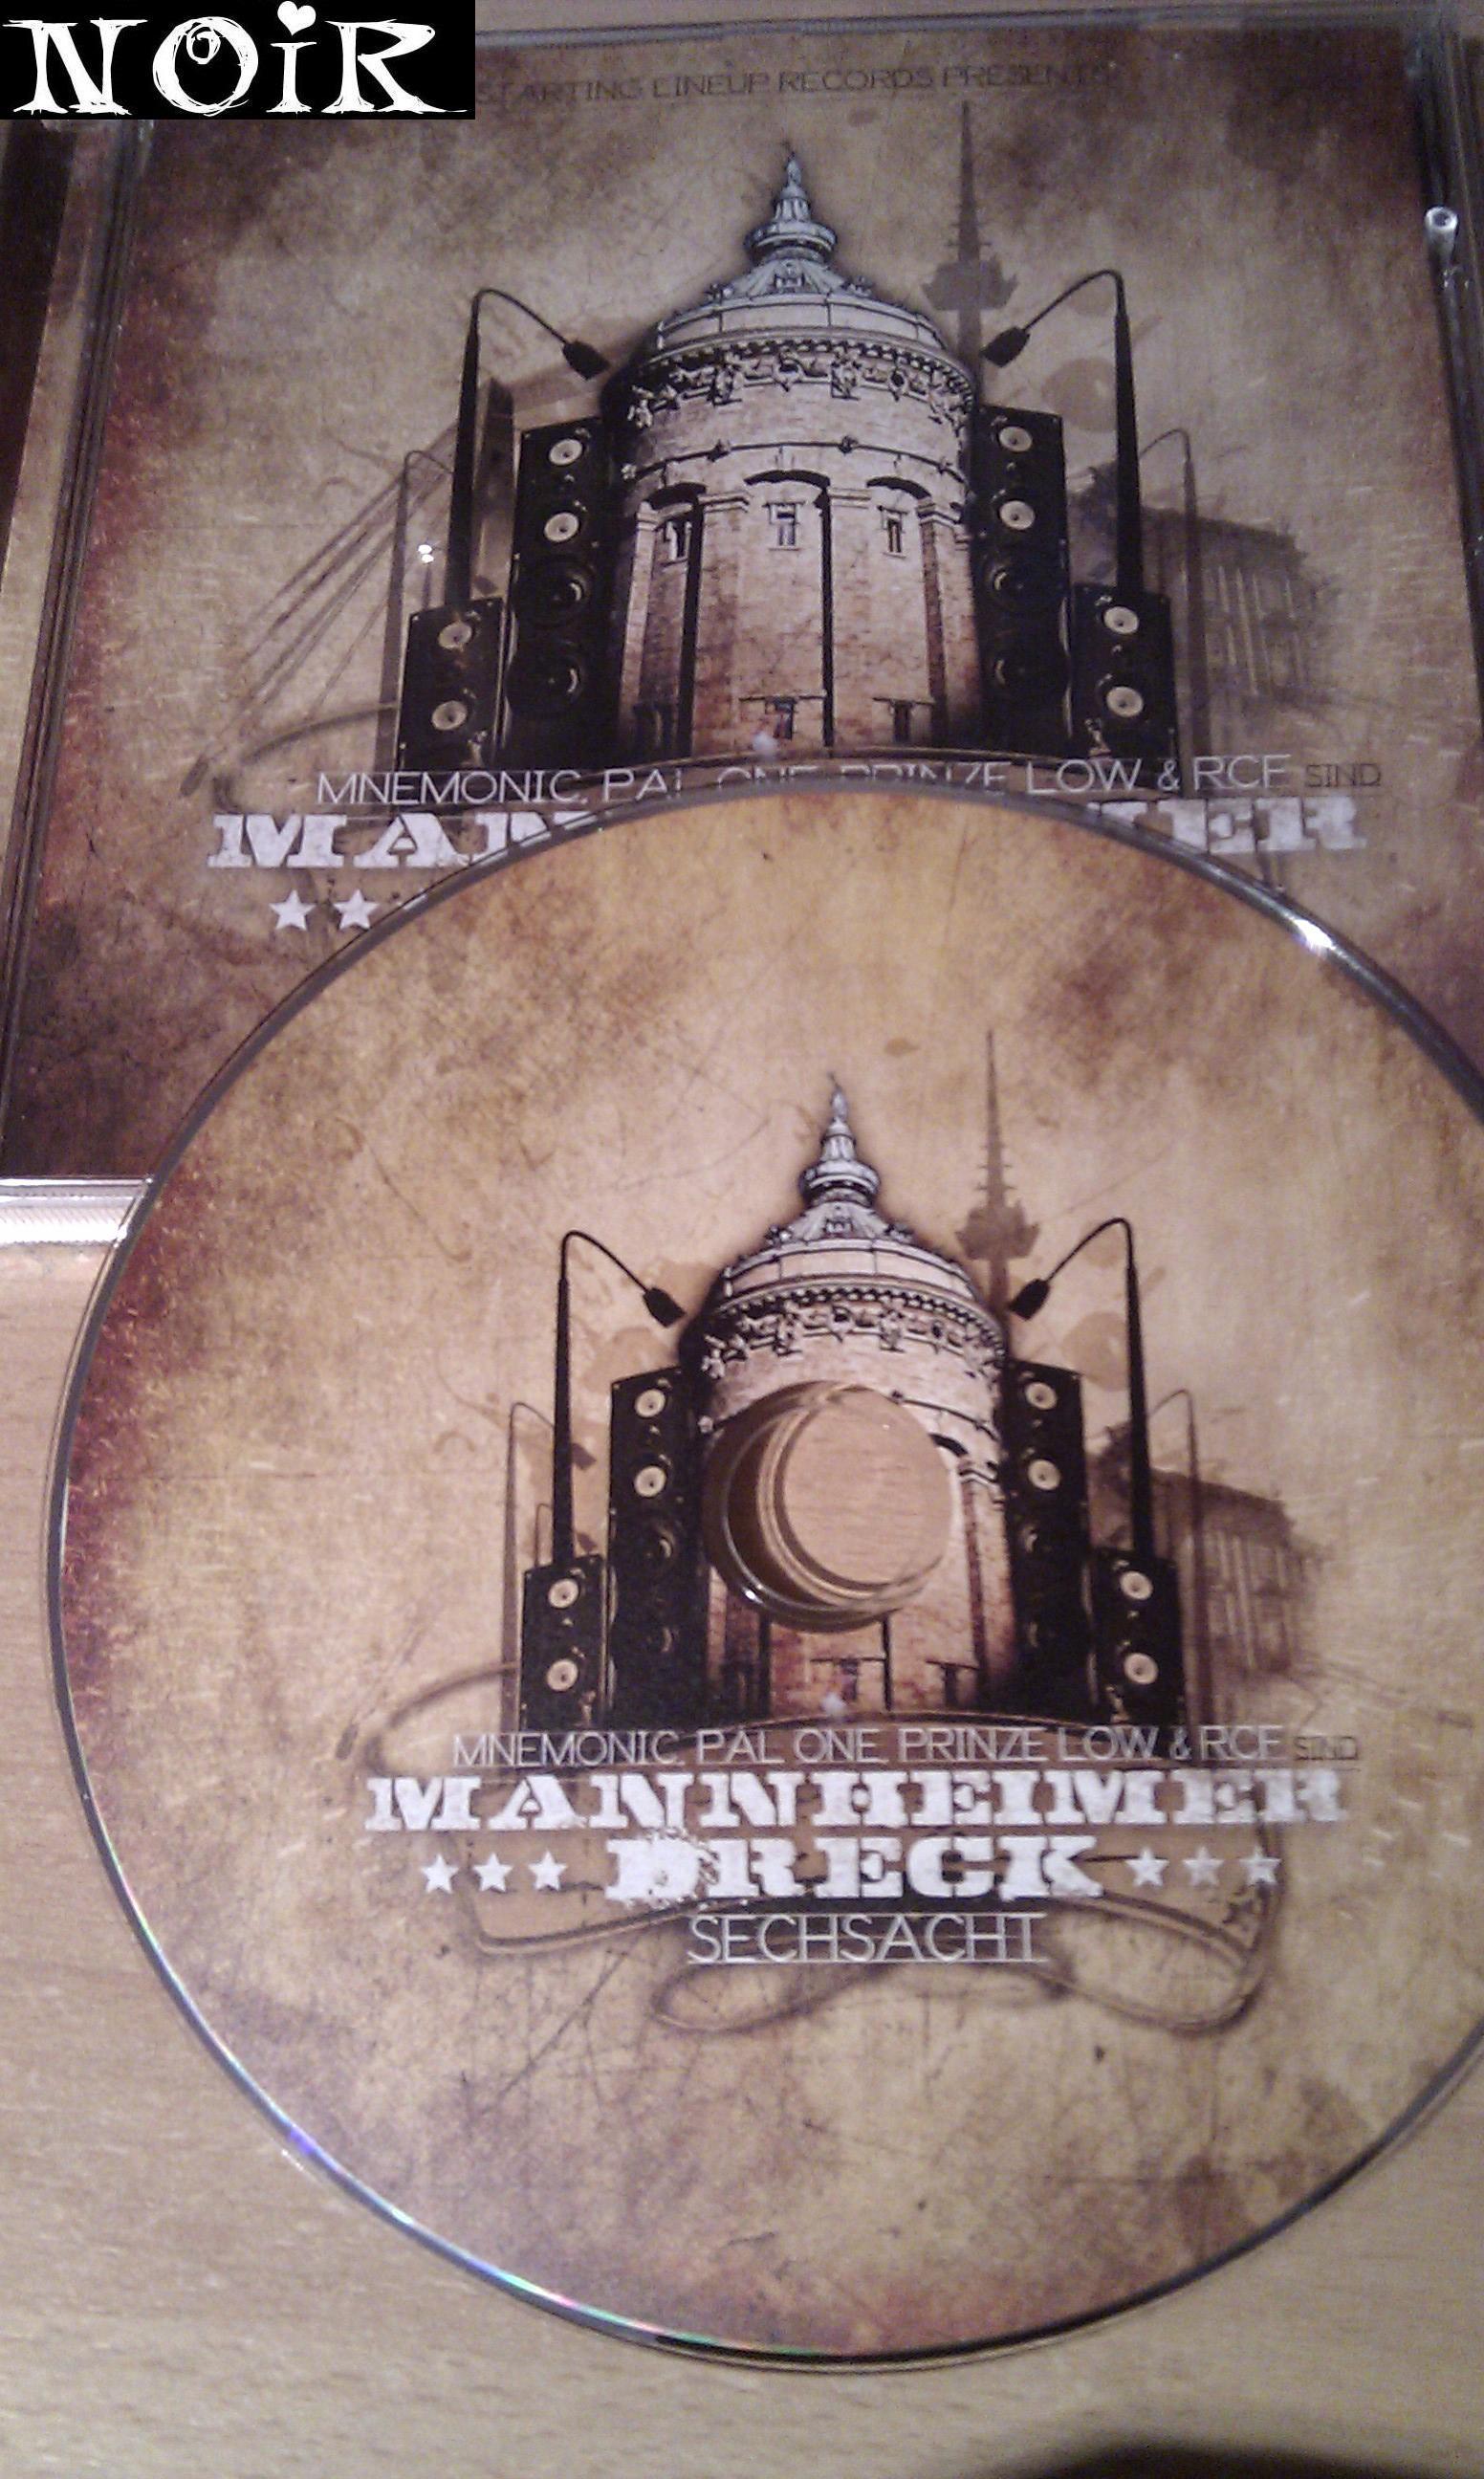 Mannheimer Dreck-Sechsacht-Retail-DE-2009